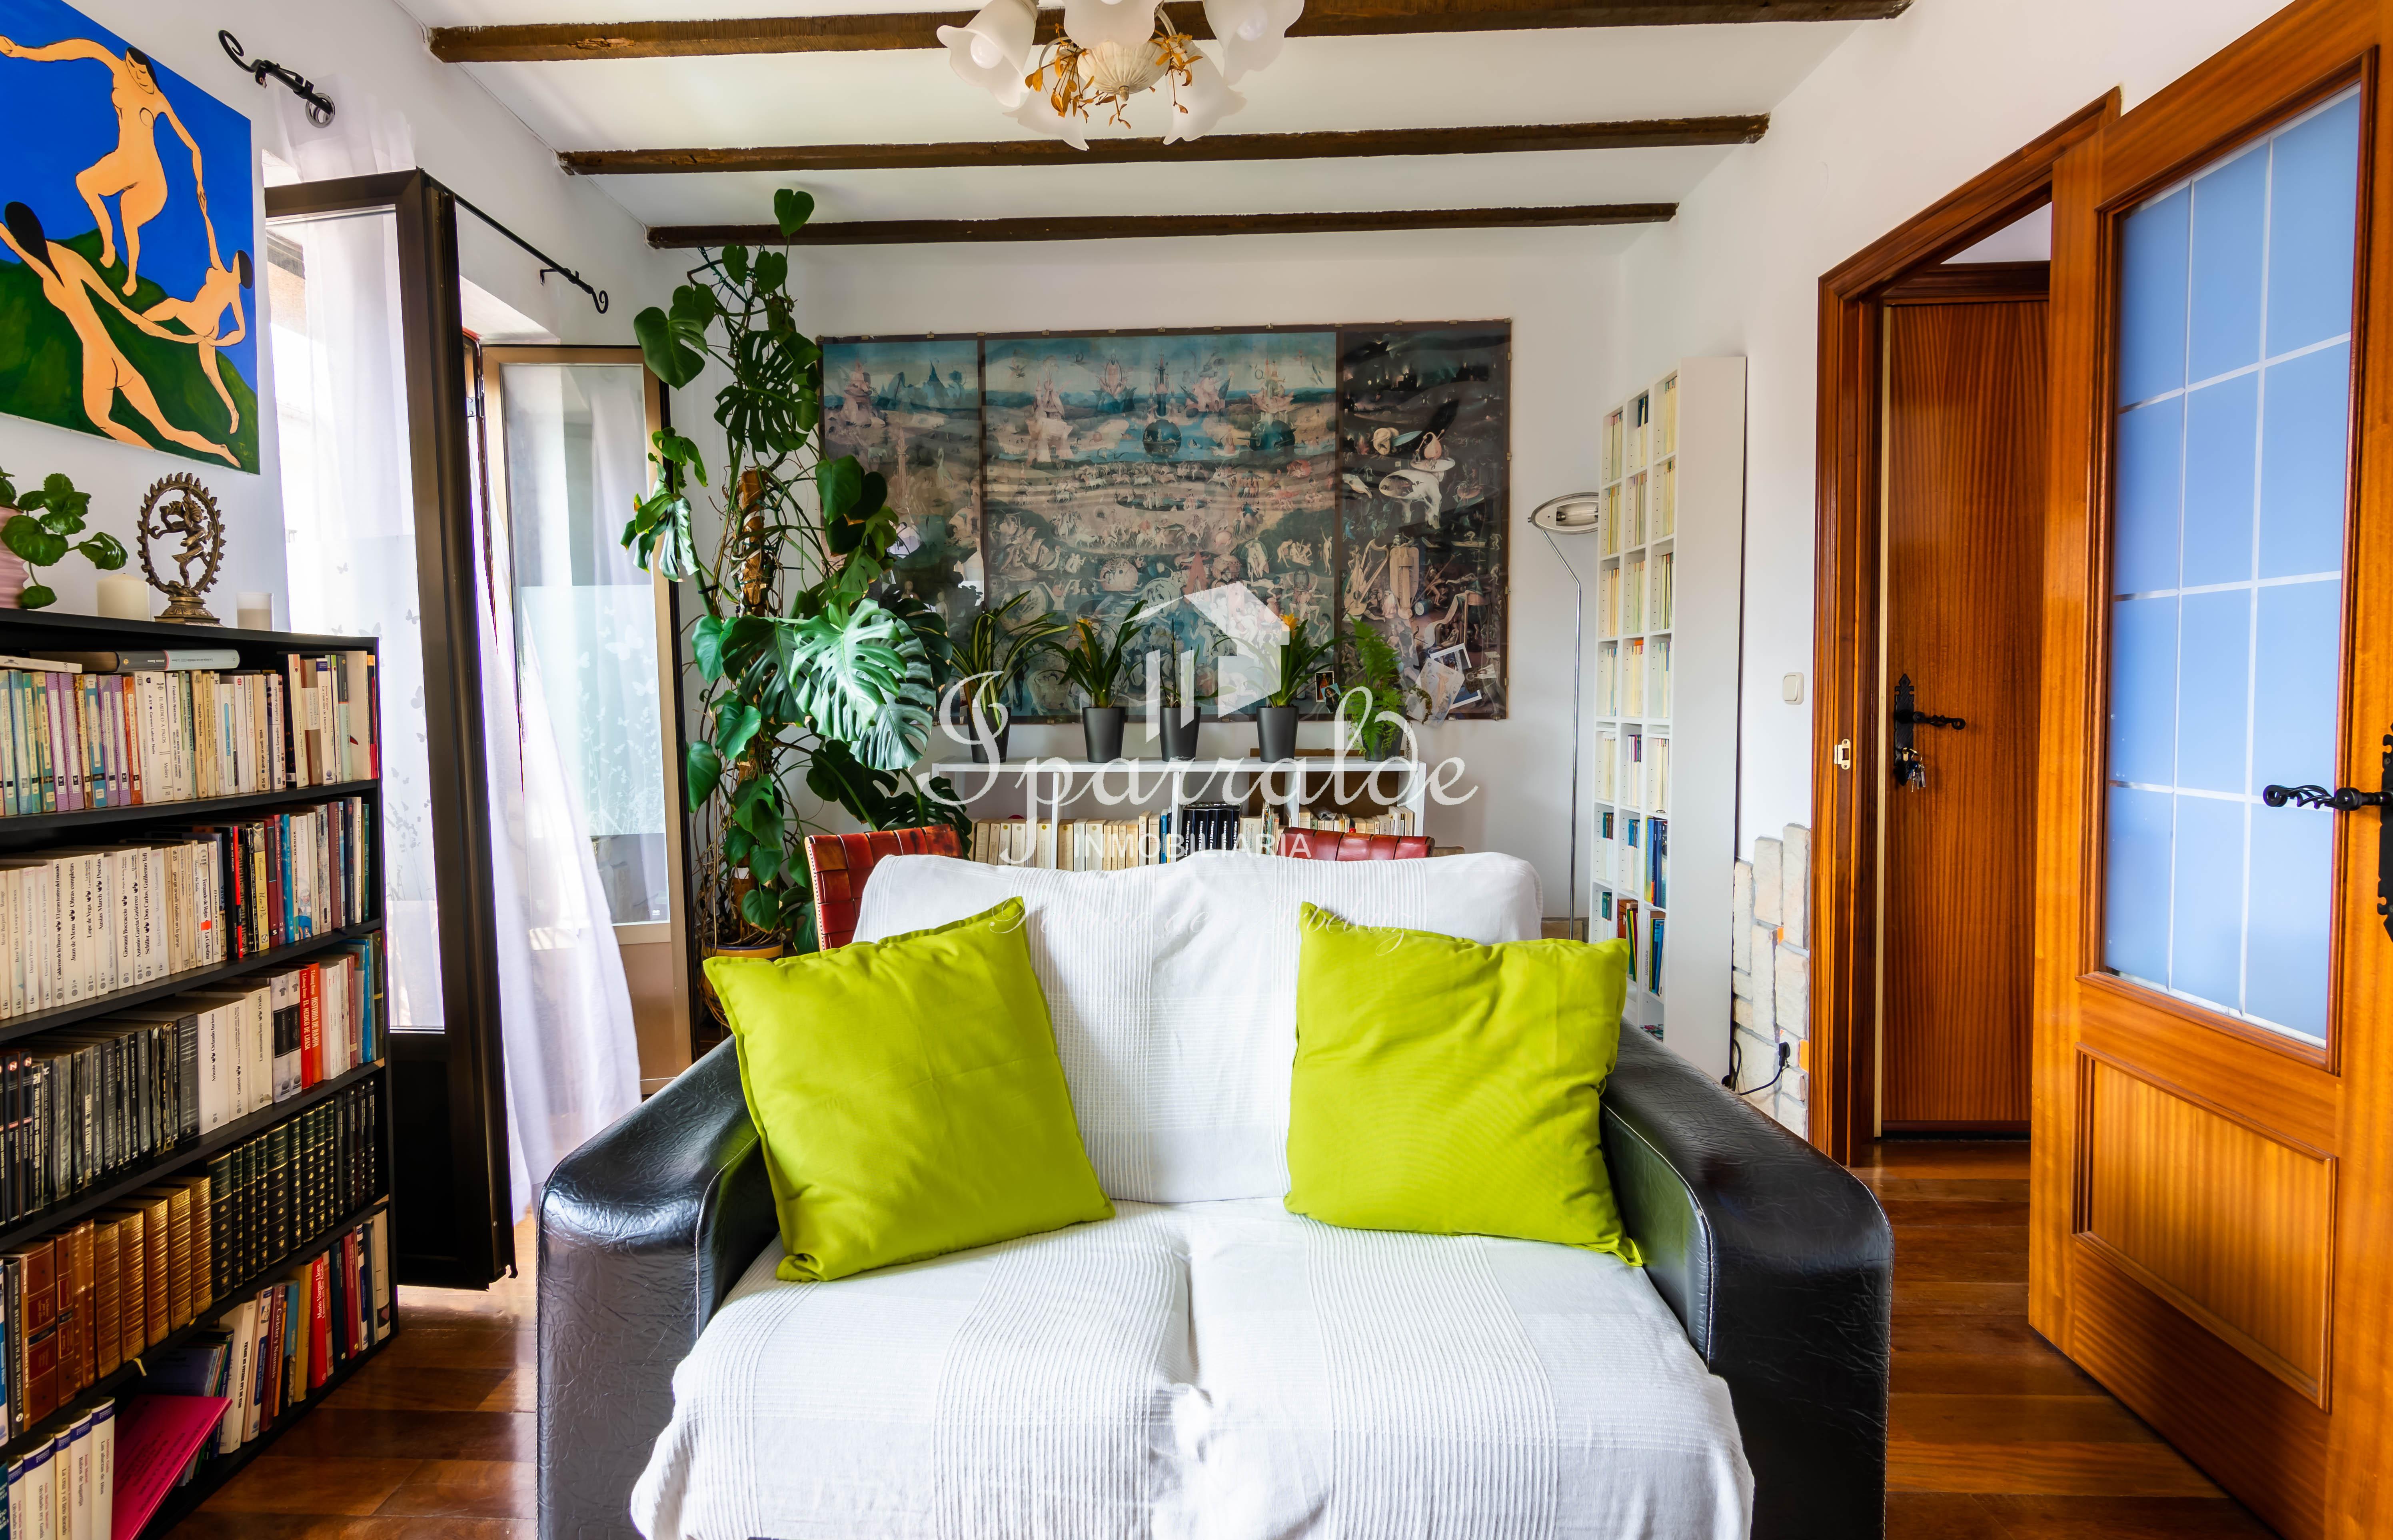 ¡¡¡Ideal para inversores!!! Preciosa vivienda reformada de 3 habitaciones, cocina independiente, 1 baño y salón. Toda exterior